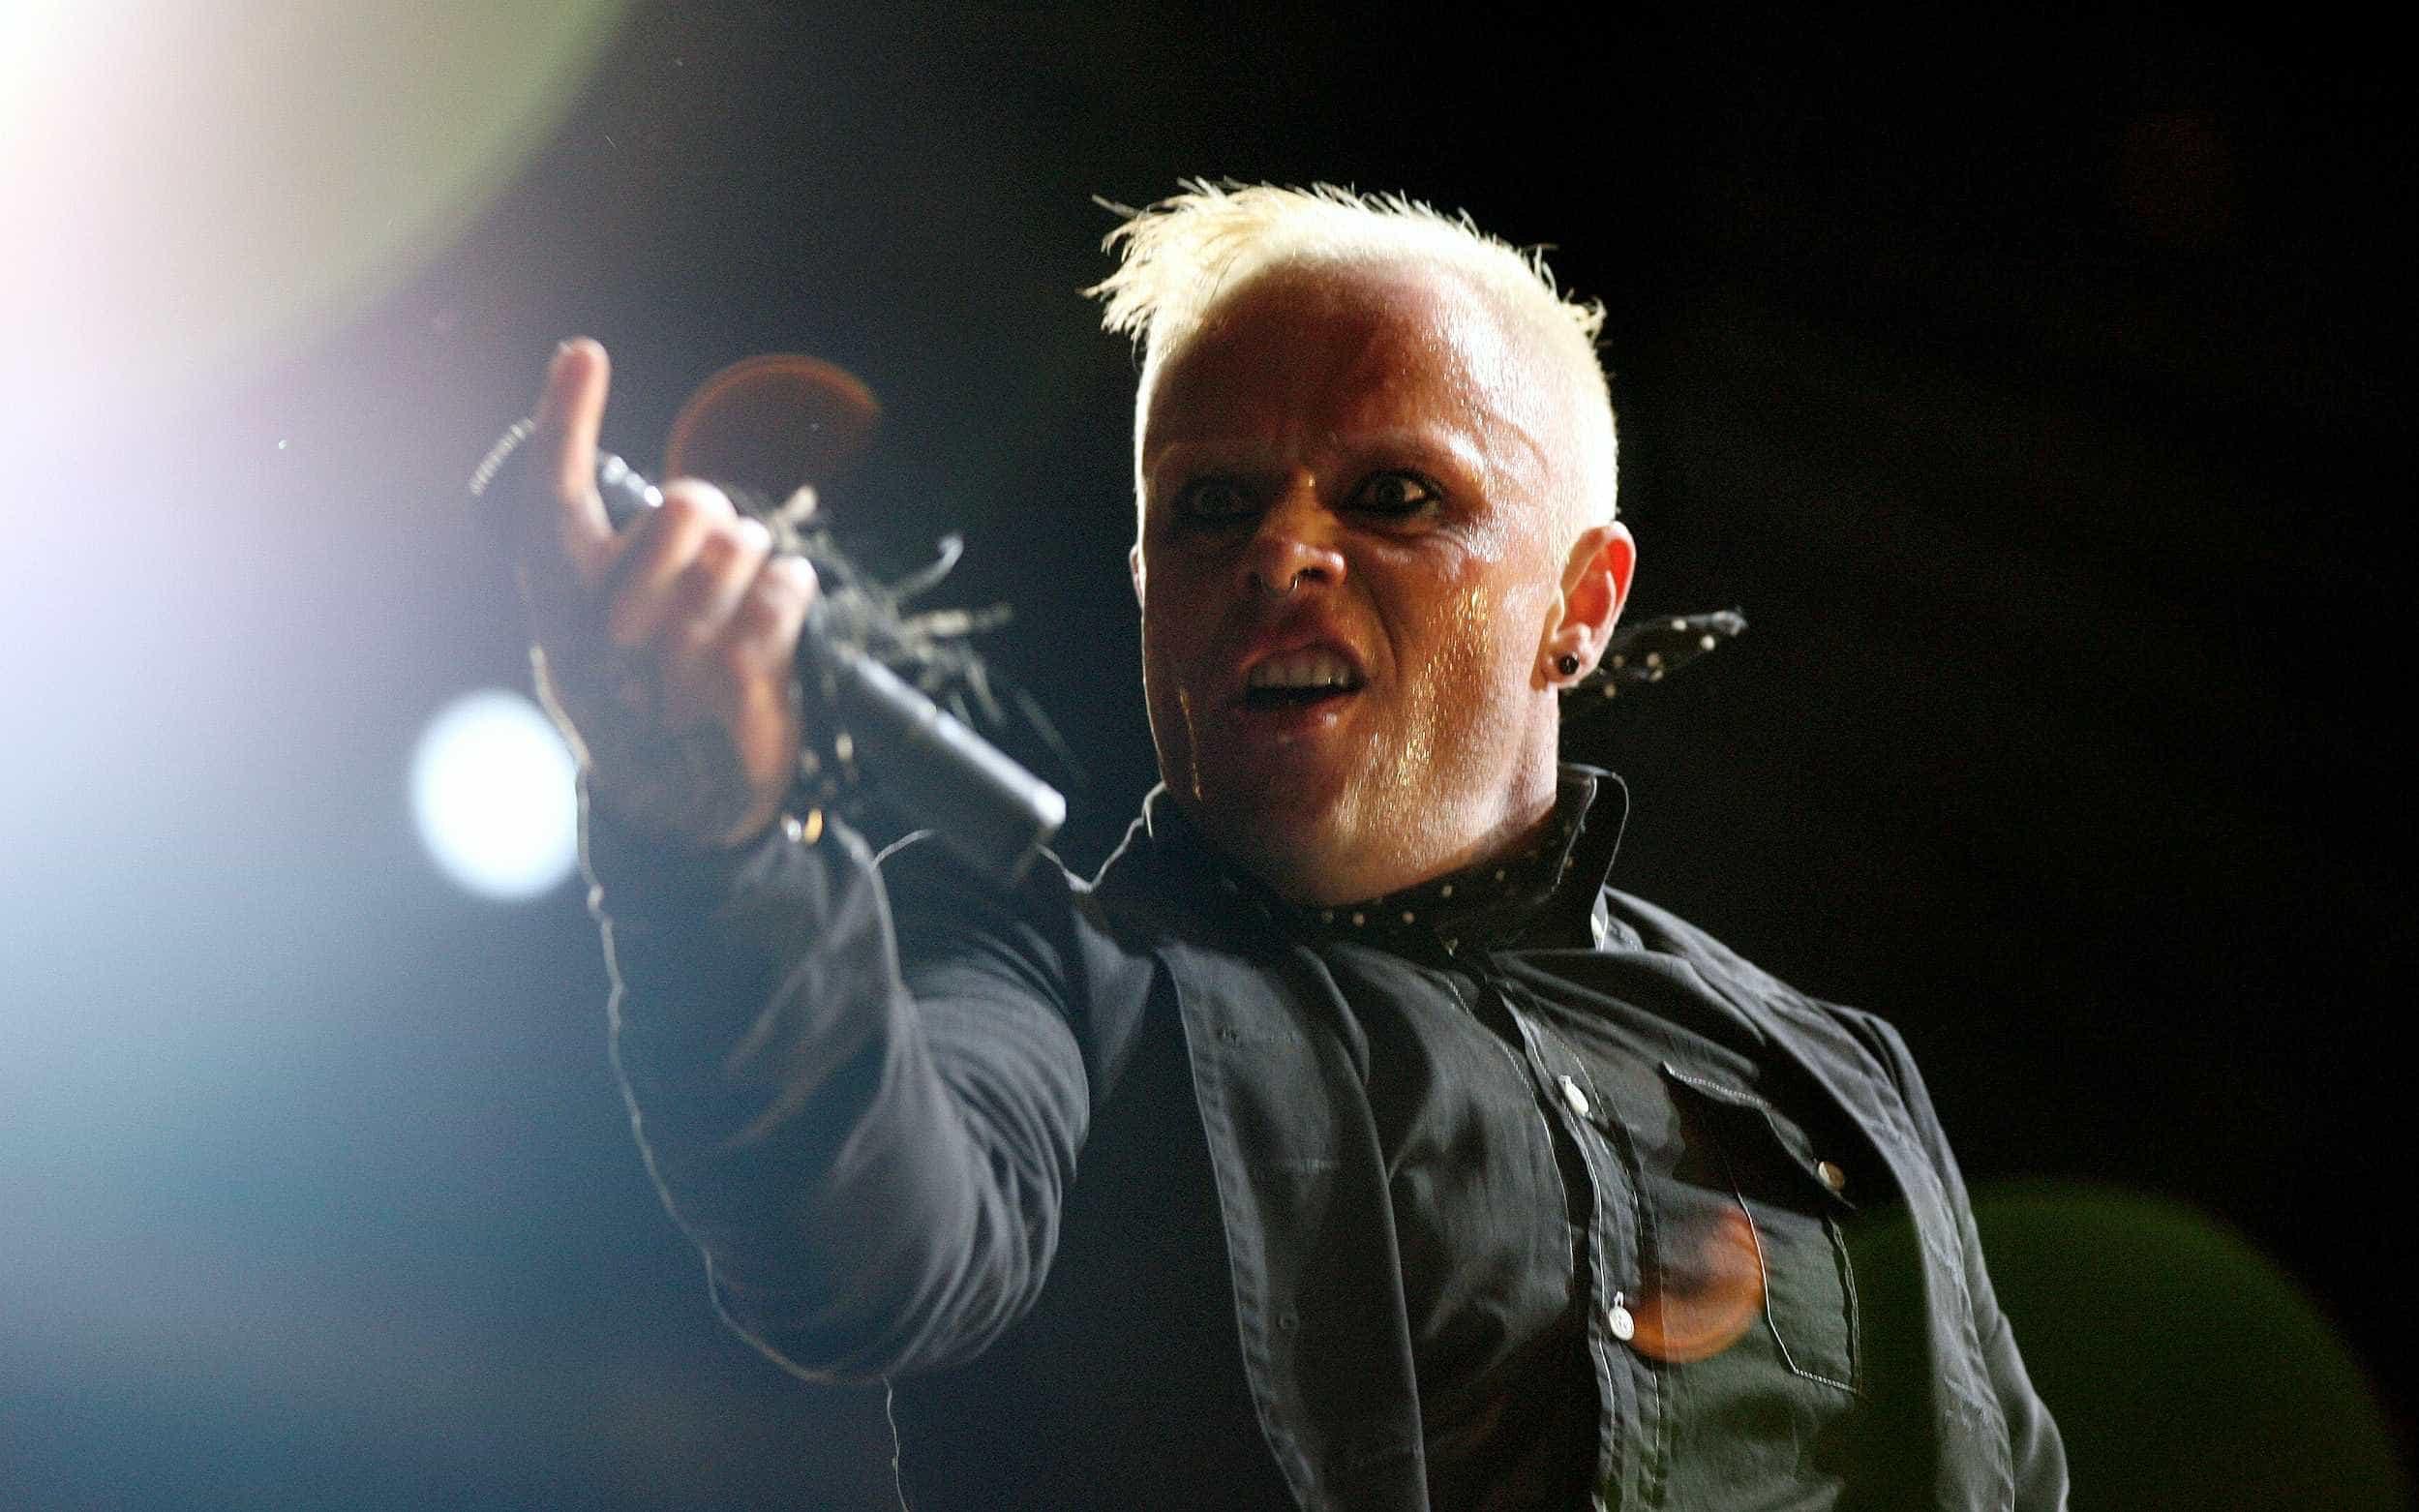 Morreu Keith Flint, vocalista dos Prodigy. Tinha 49 anos